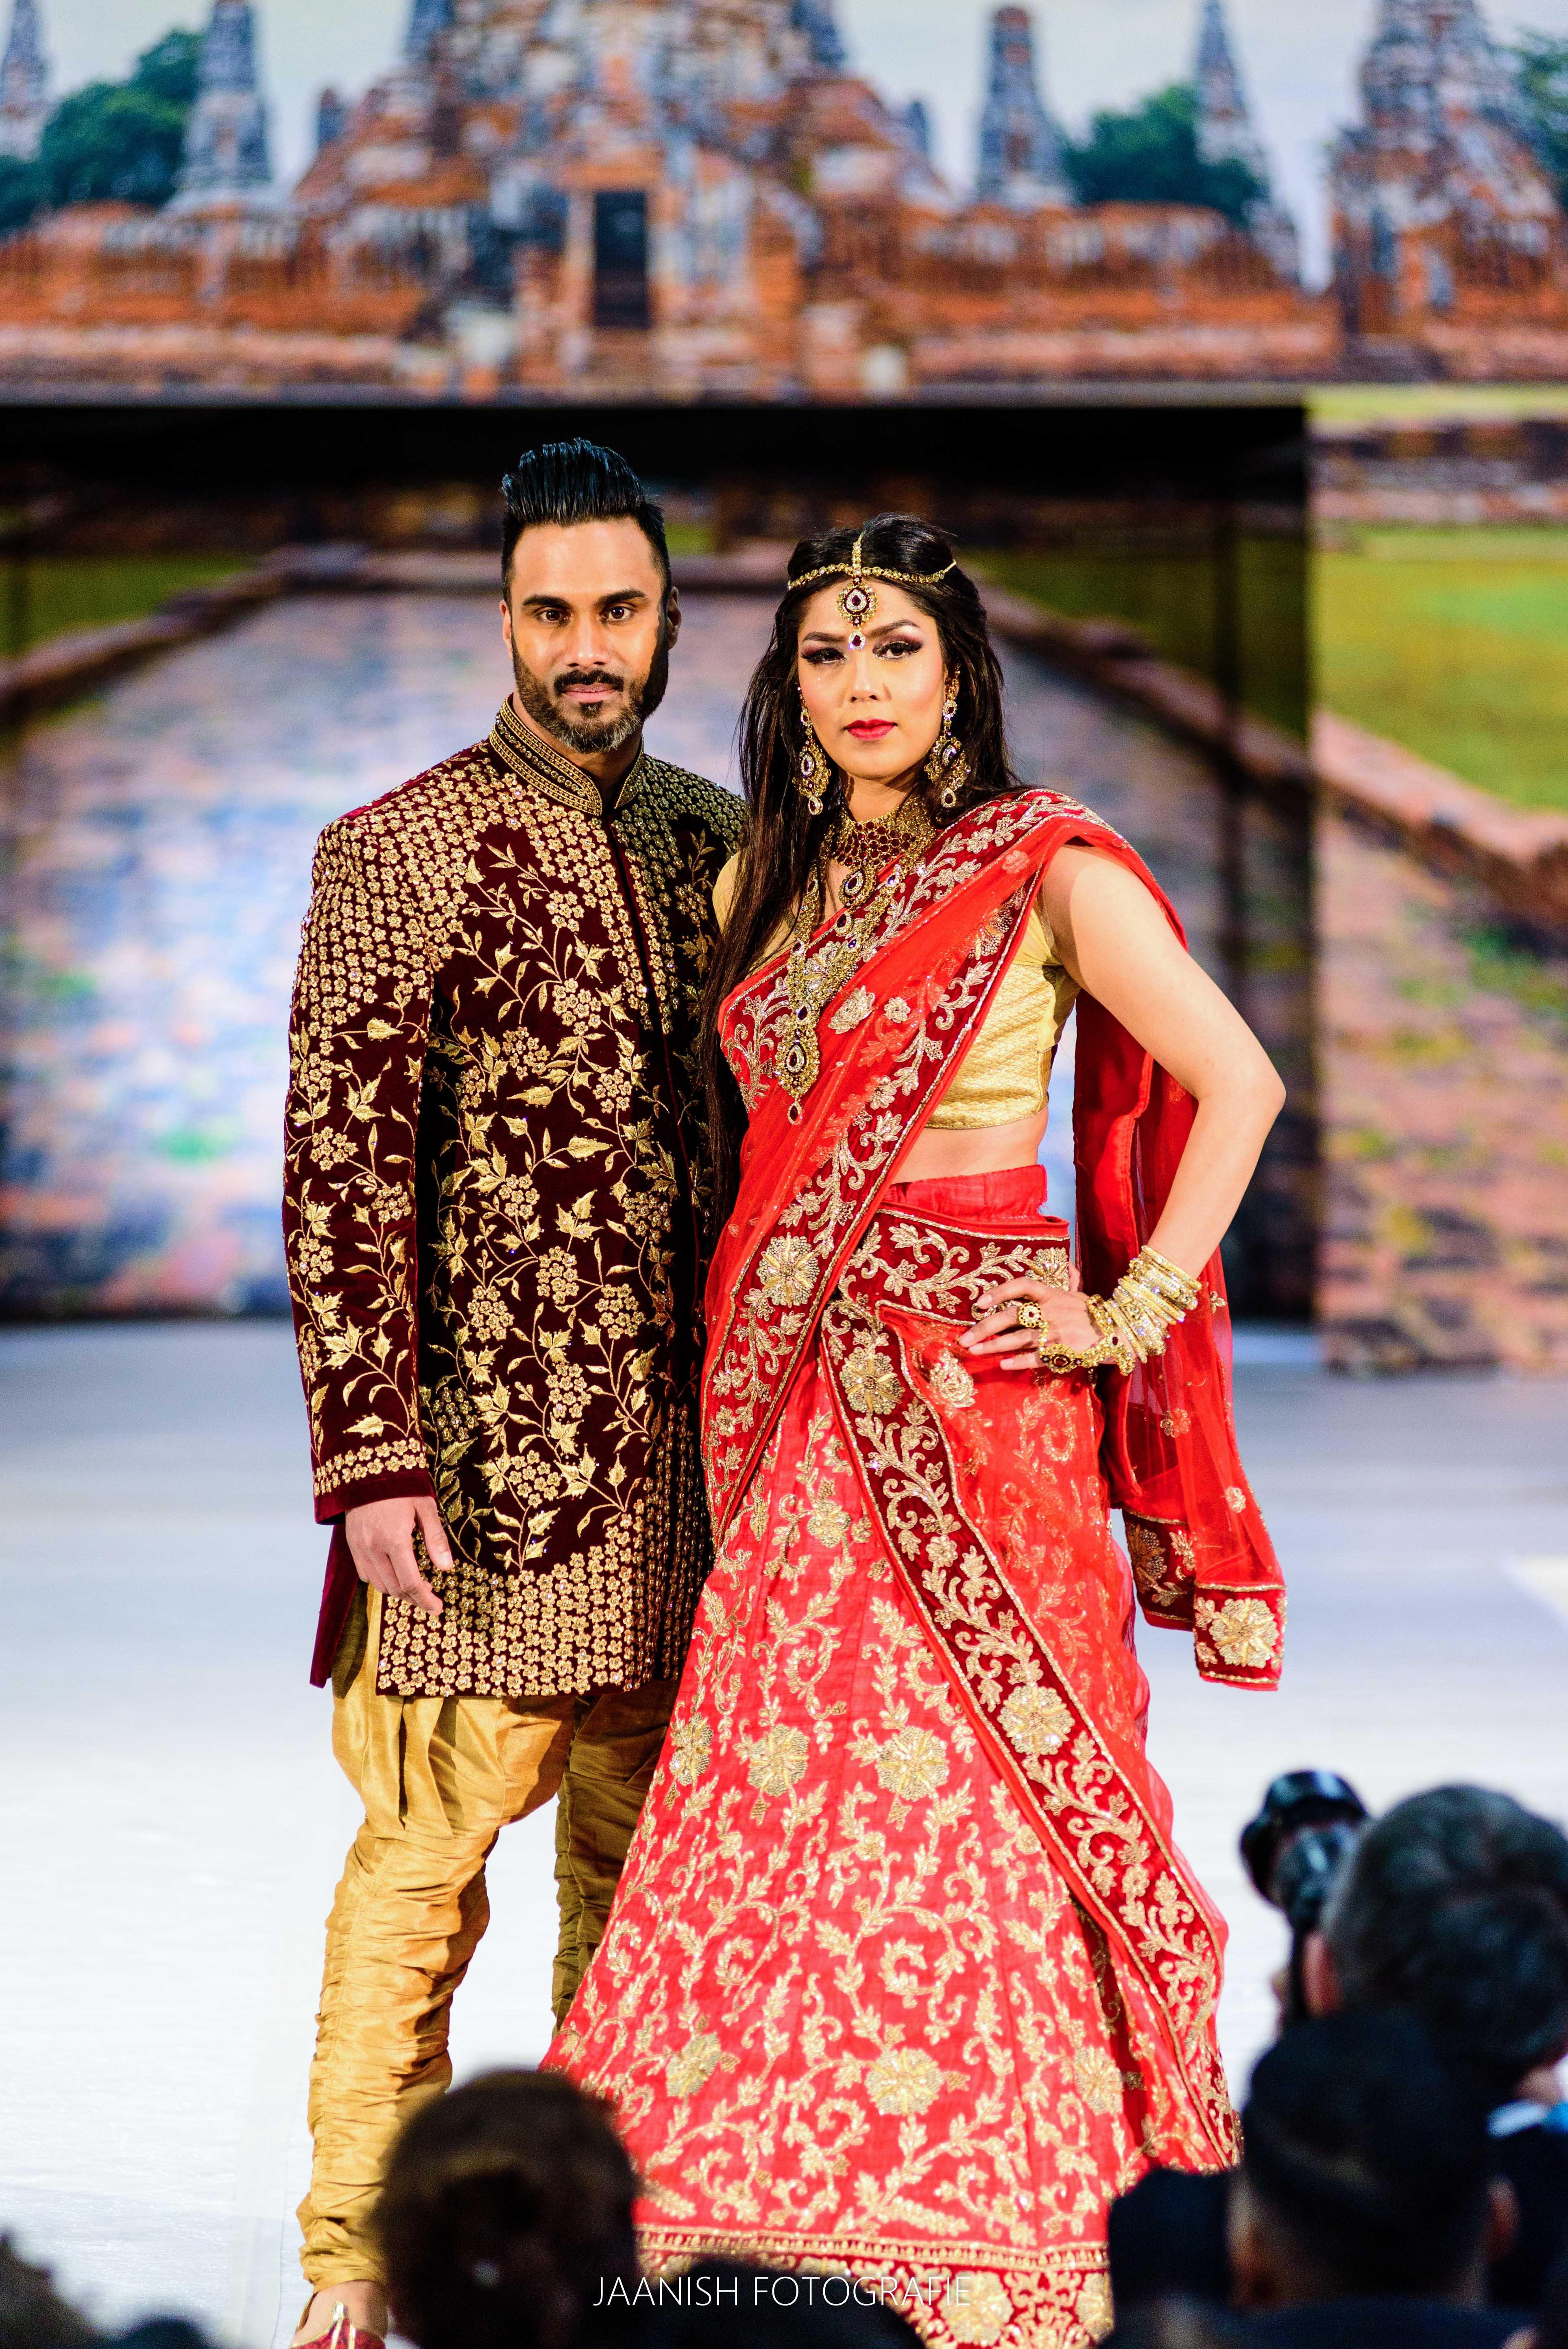 Fashion fotograaf The Big Day 5 wedding beurs 2